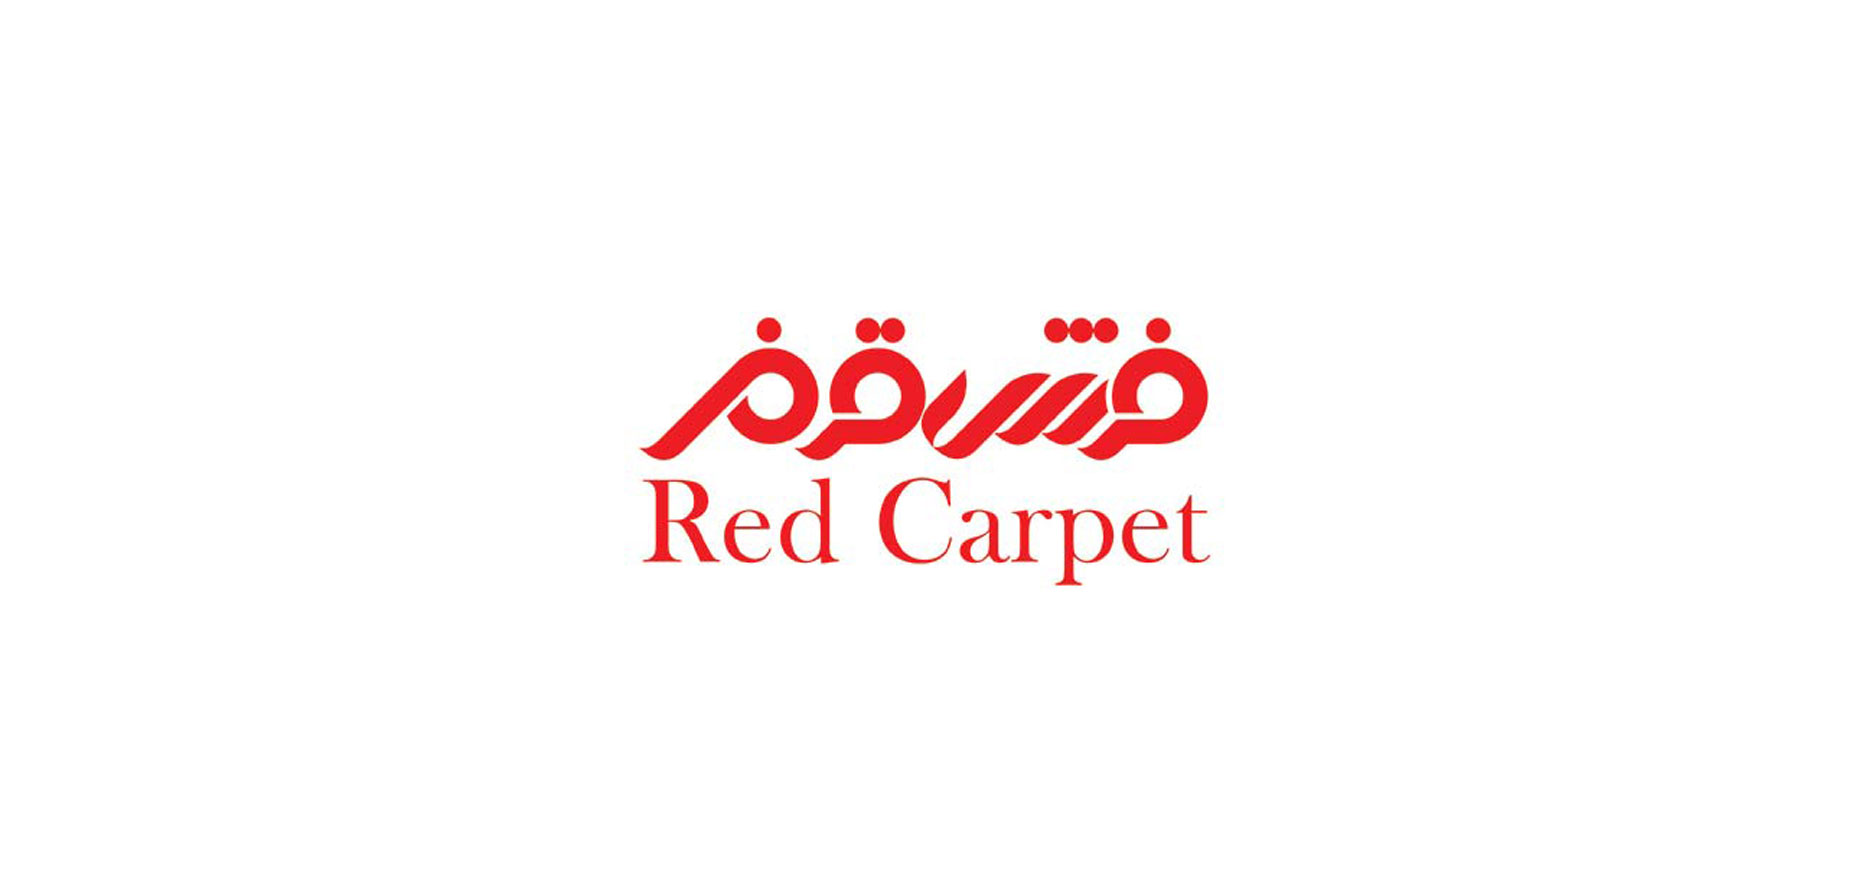 خدمات > طراحی گرافیک > طراحی لوگو و آرم | طراحی غرفه نمایشگاهیطراحی لوگو فرش قرمز